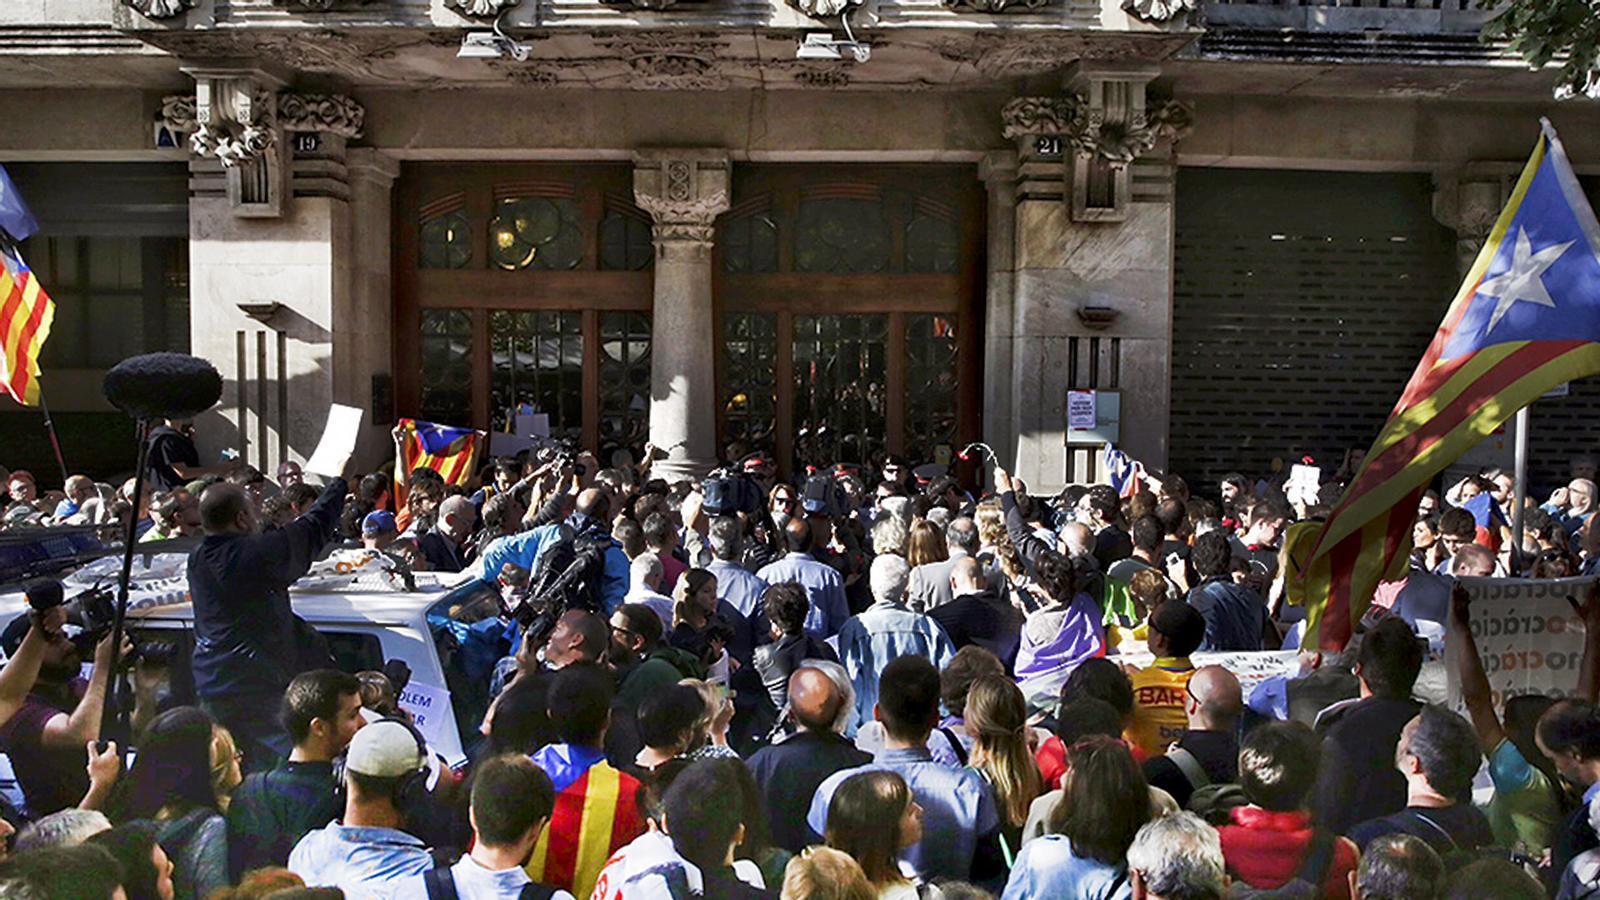 L'anàlisi d'Antoni Bassas: '«La massa» que volia tirar a terra la porta d'Economia'